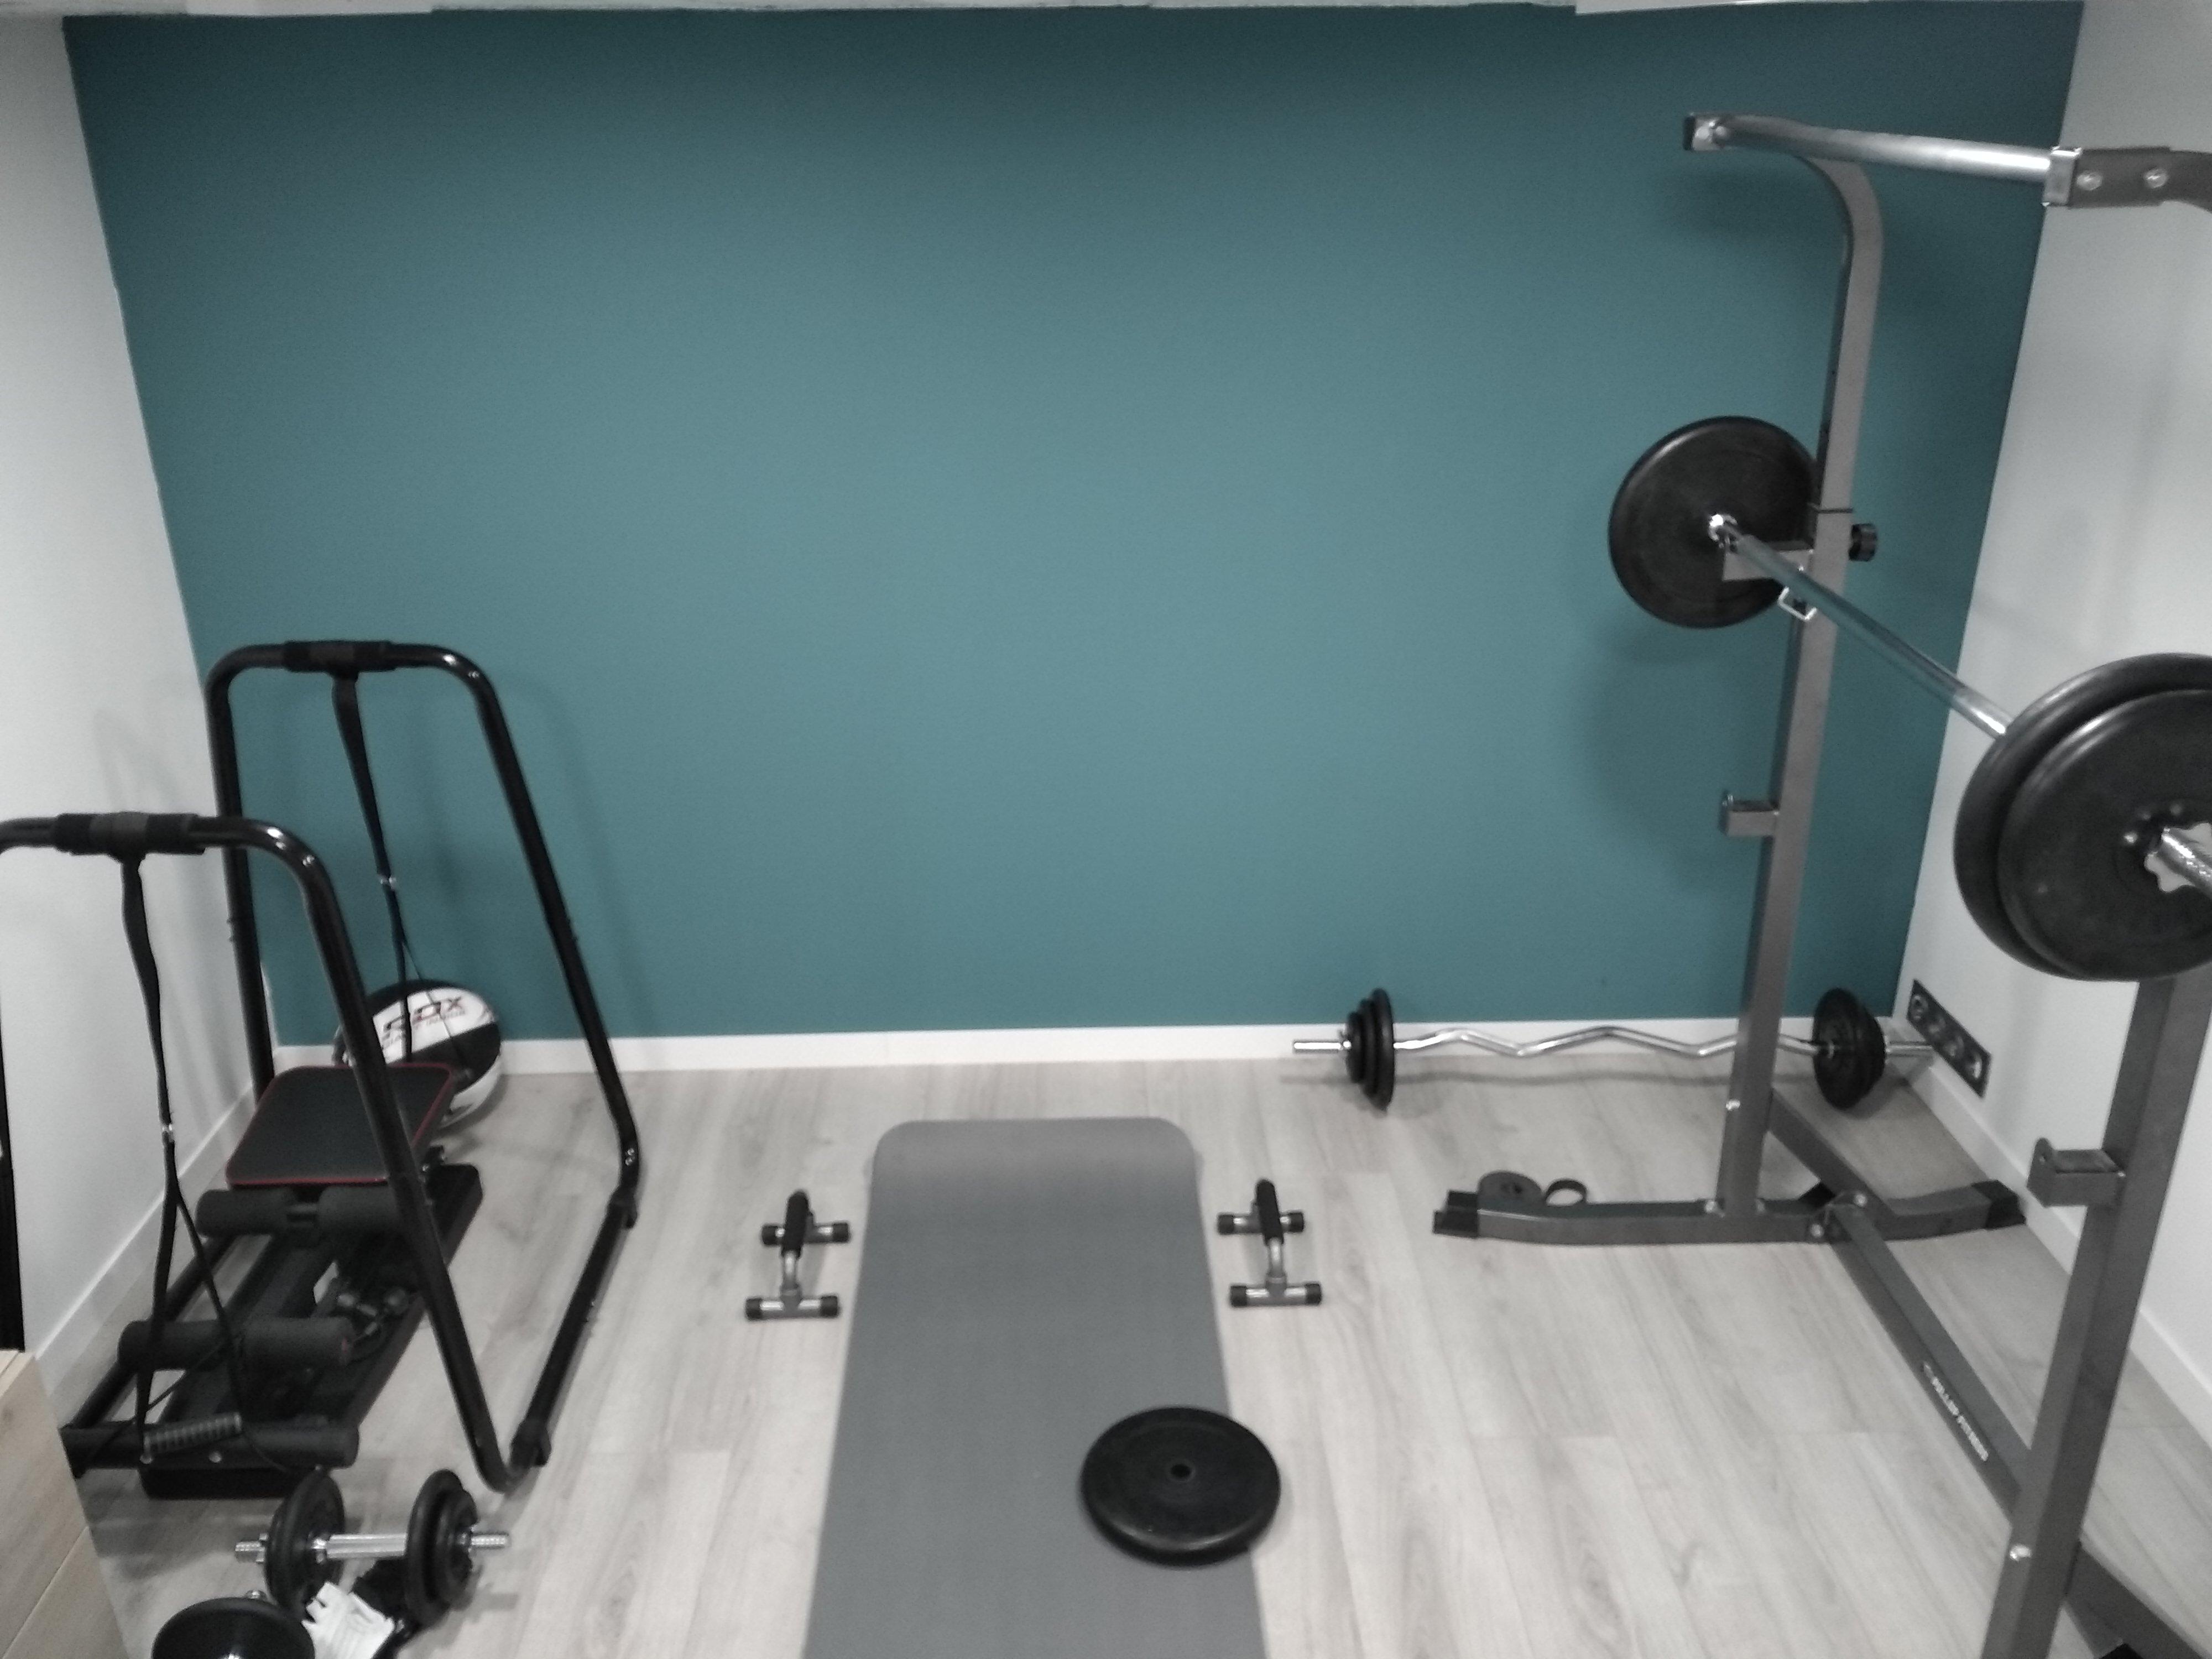 Gymnastique A Faire Chez Soi faire une salle de musculation chez soi : les meilleurs conseils